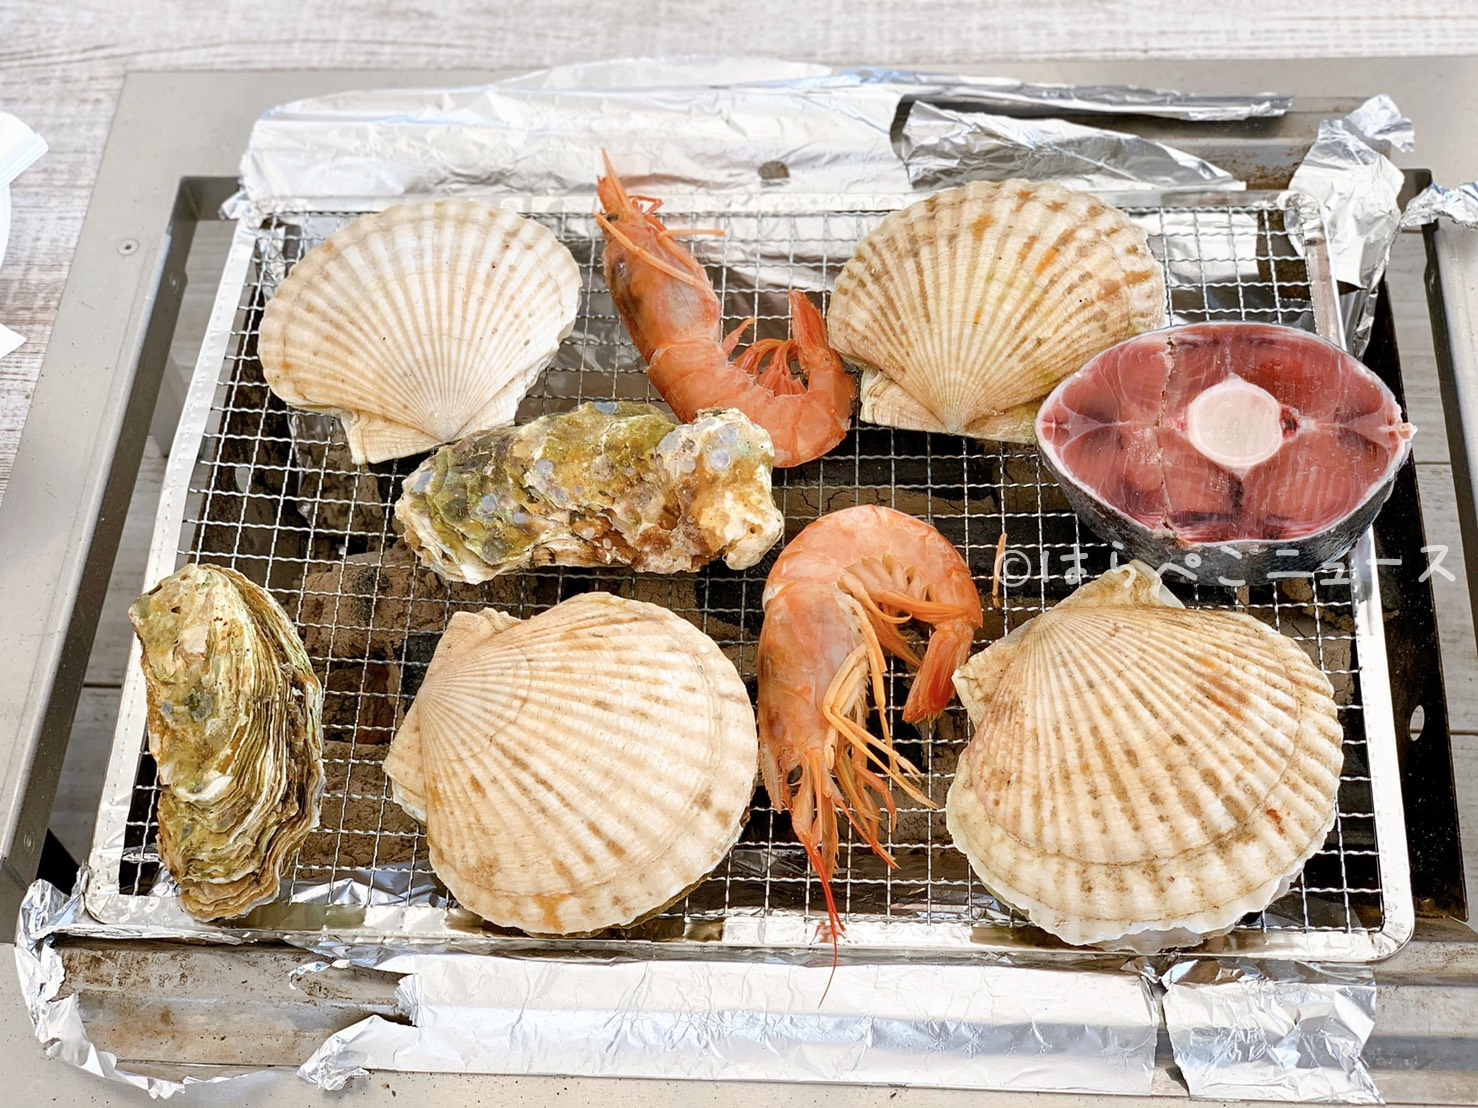 【実食レポ】豊洲でバーベキュー「THE BBQ BEACH in TOYOSU」でホタテにマグロテール食べ放題!